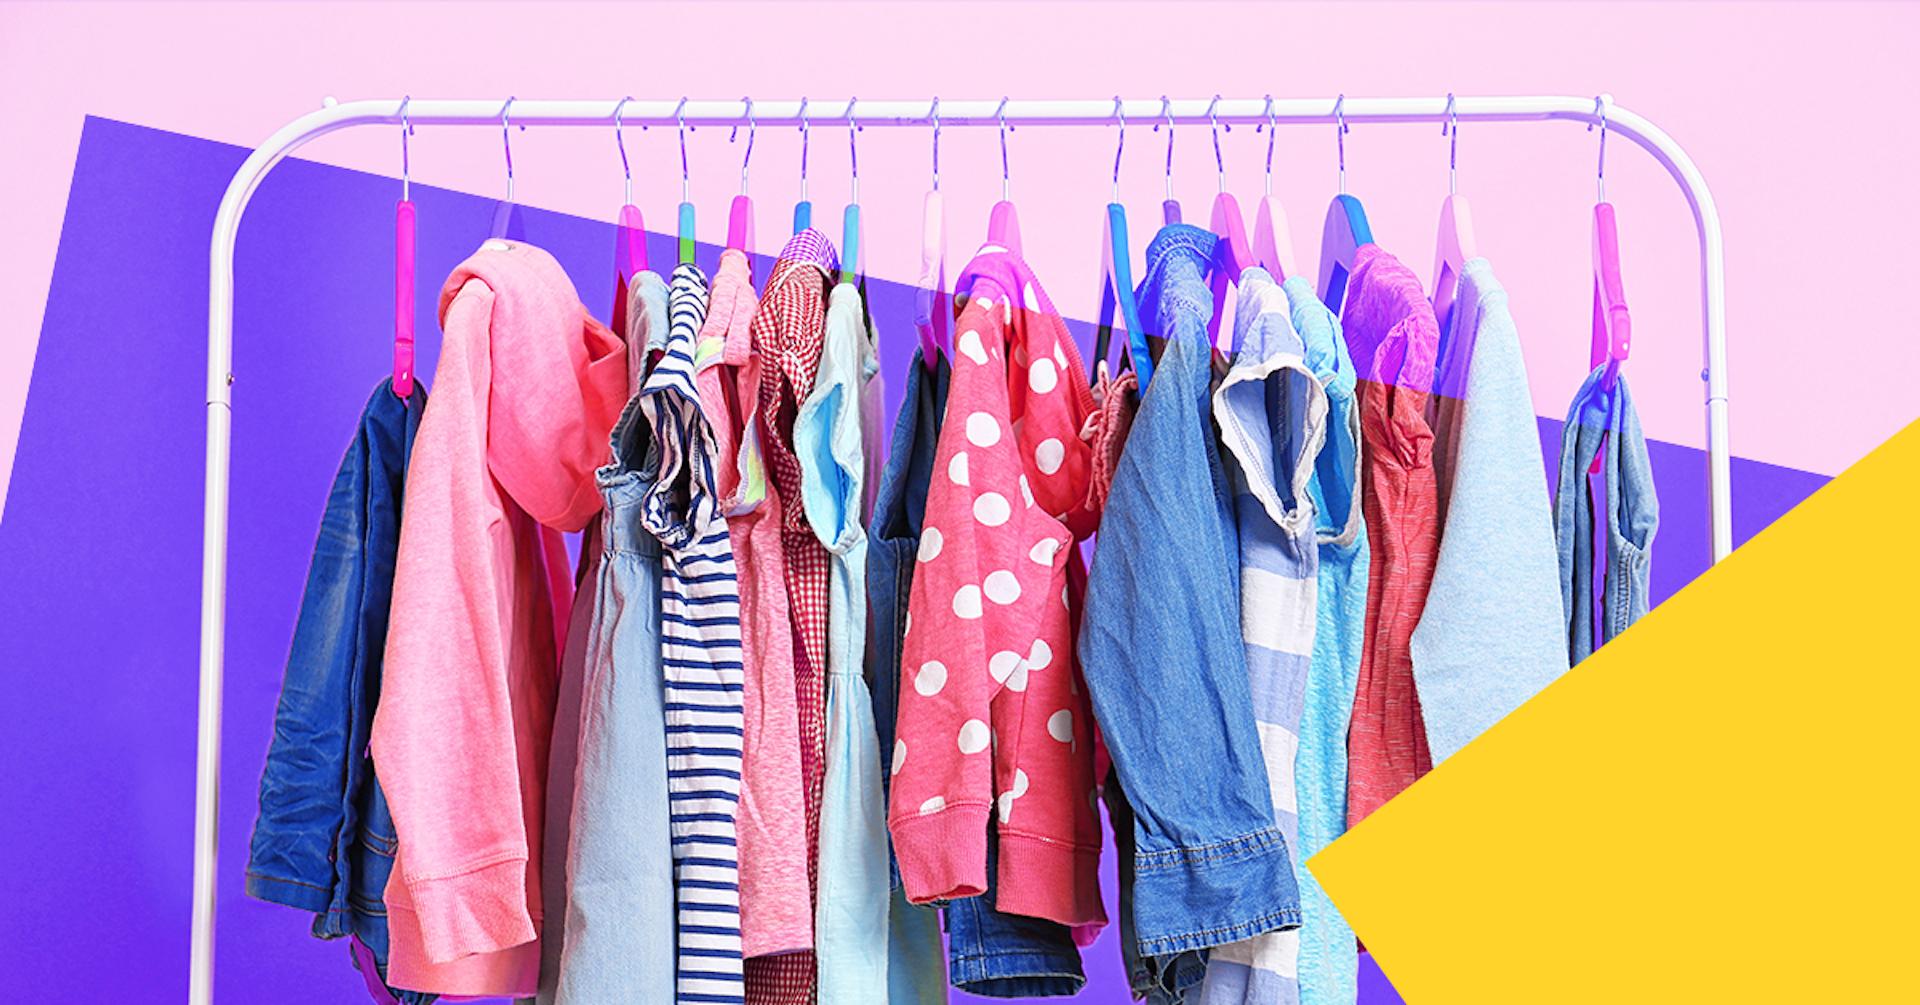 Personaliza tu ropa favorita: 3 opciones para hacerlo en casa